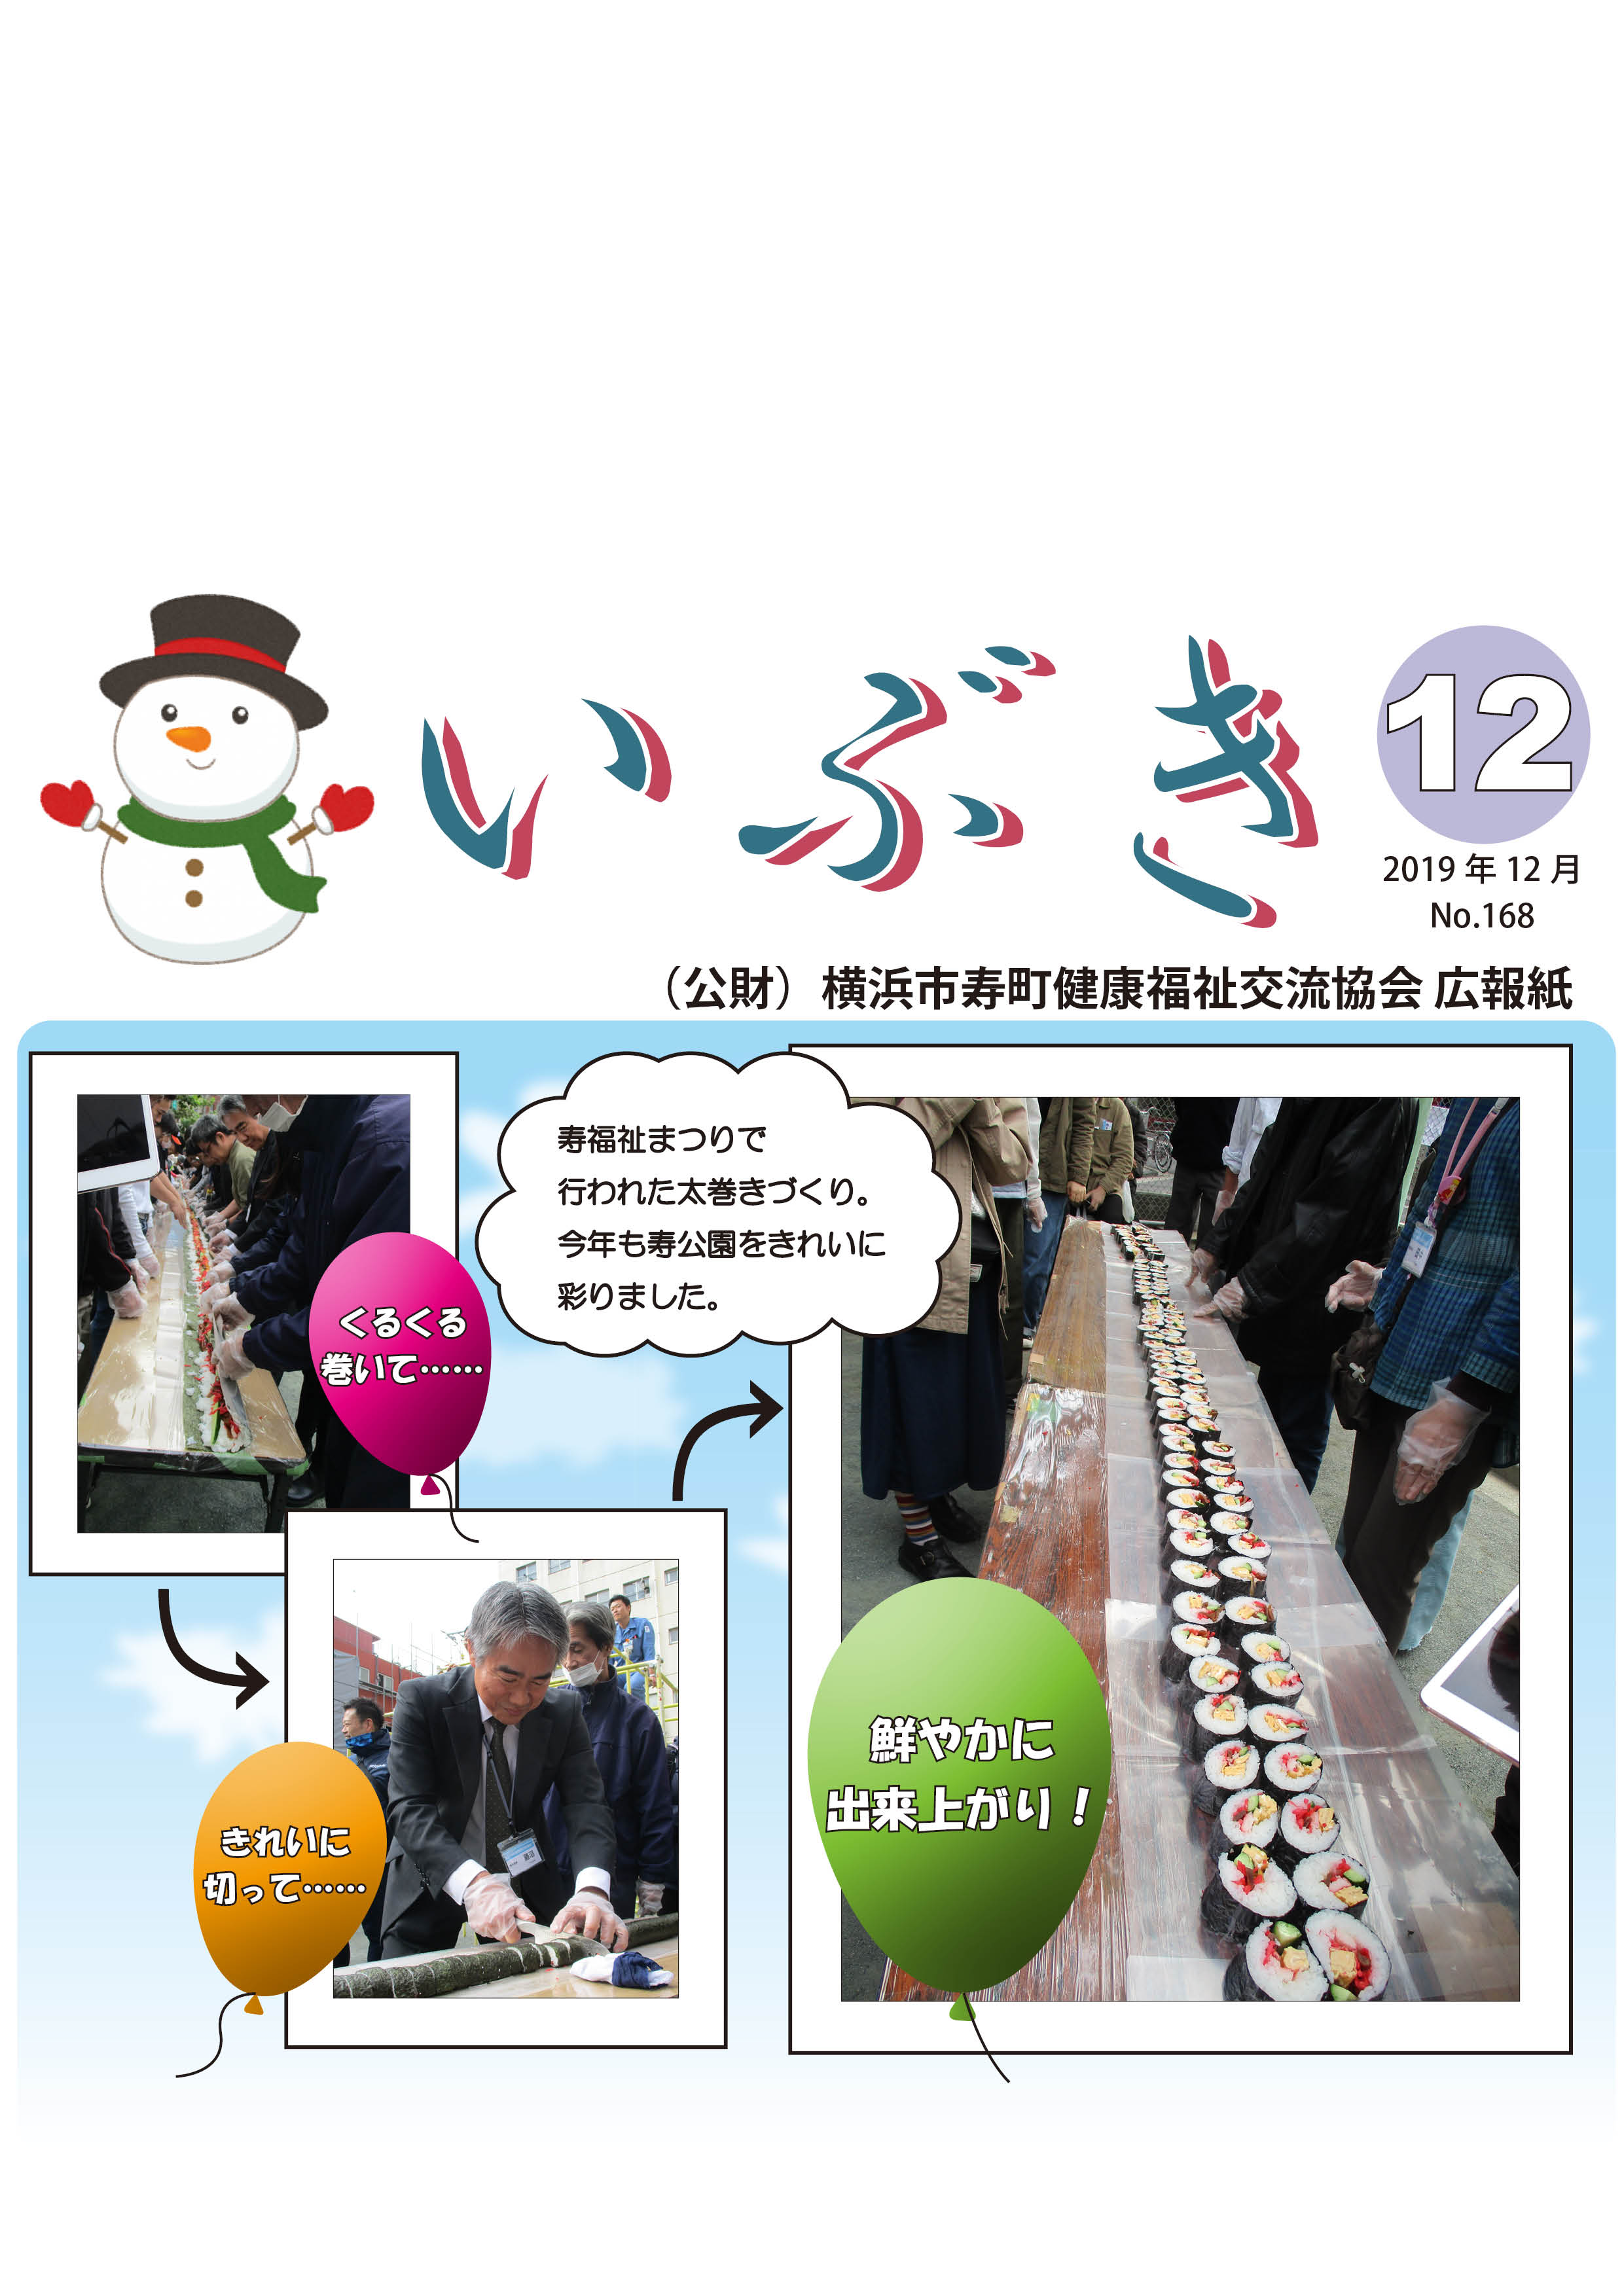 広報紙いぶき2019年12月号(No.168)